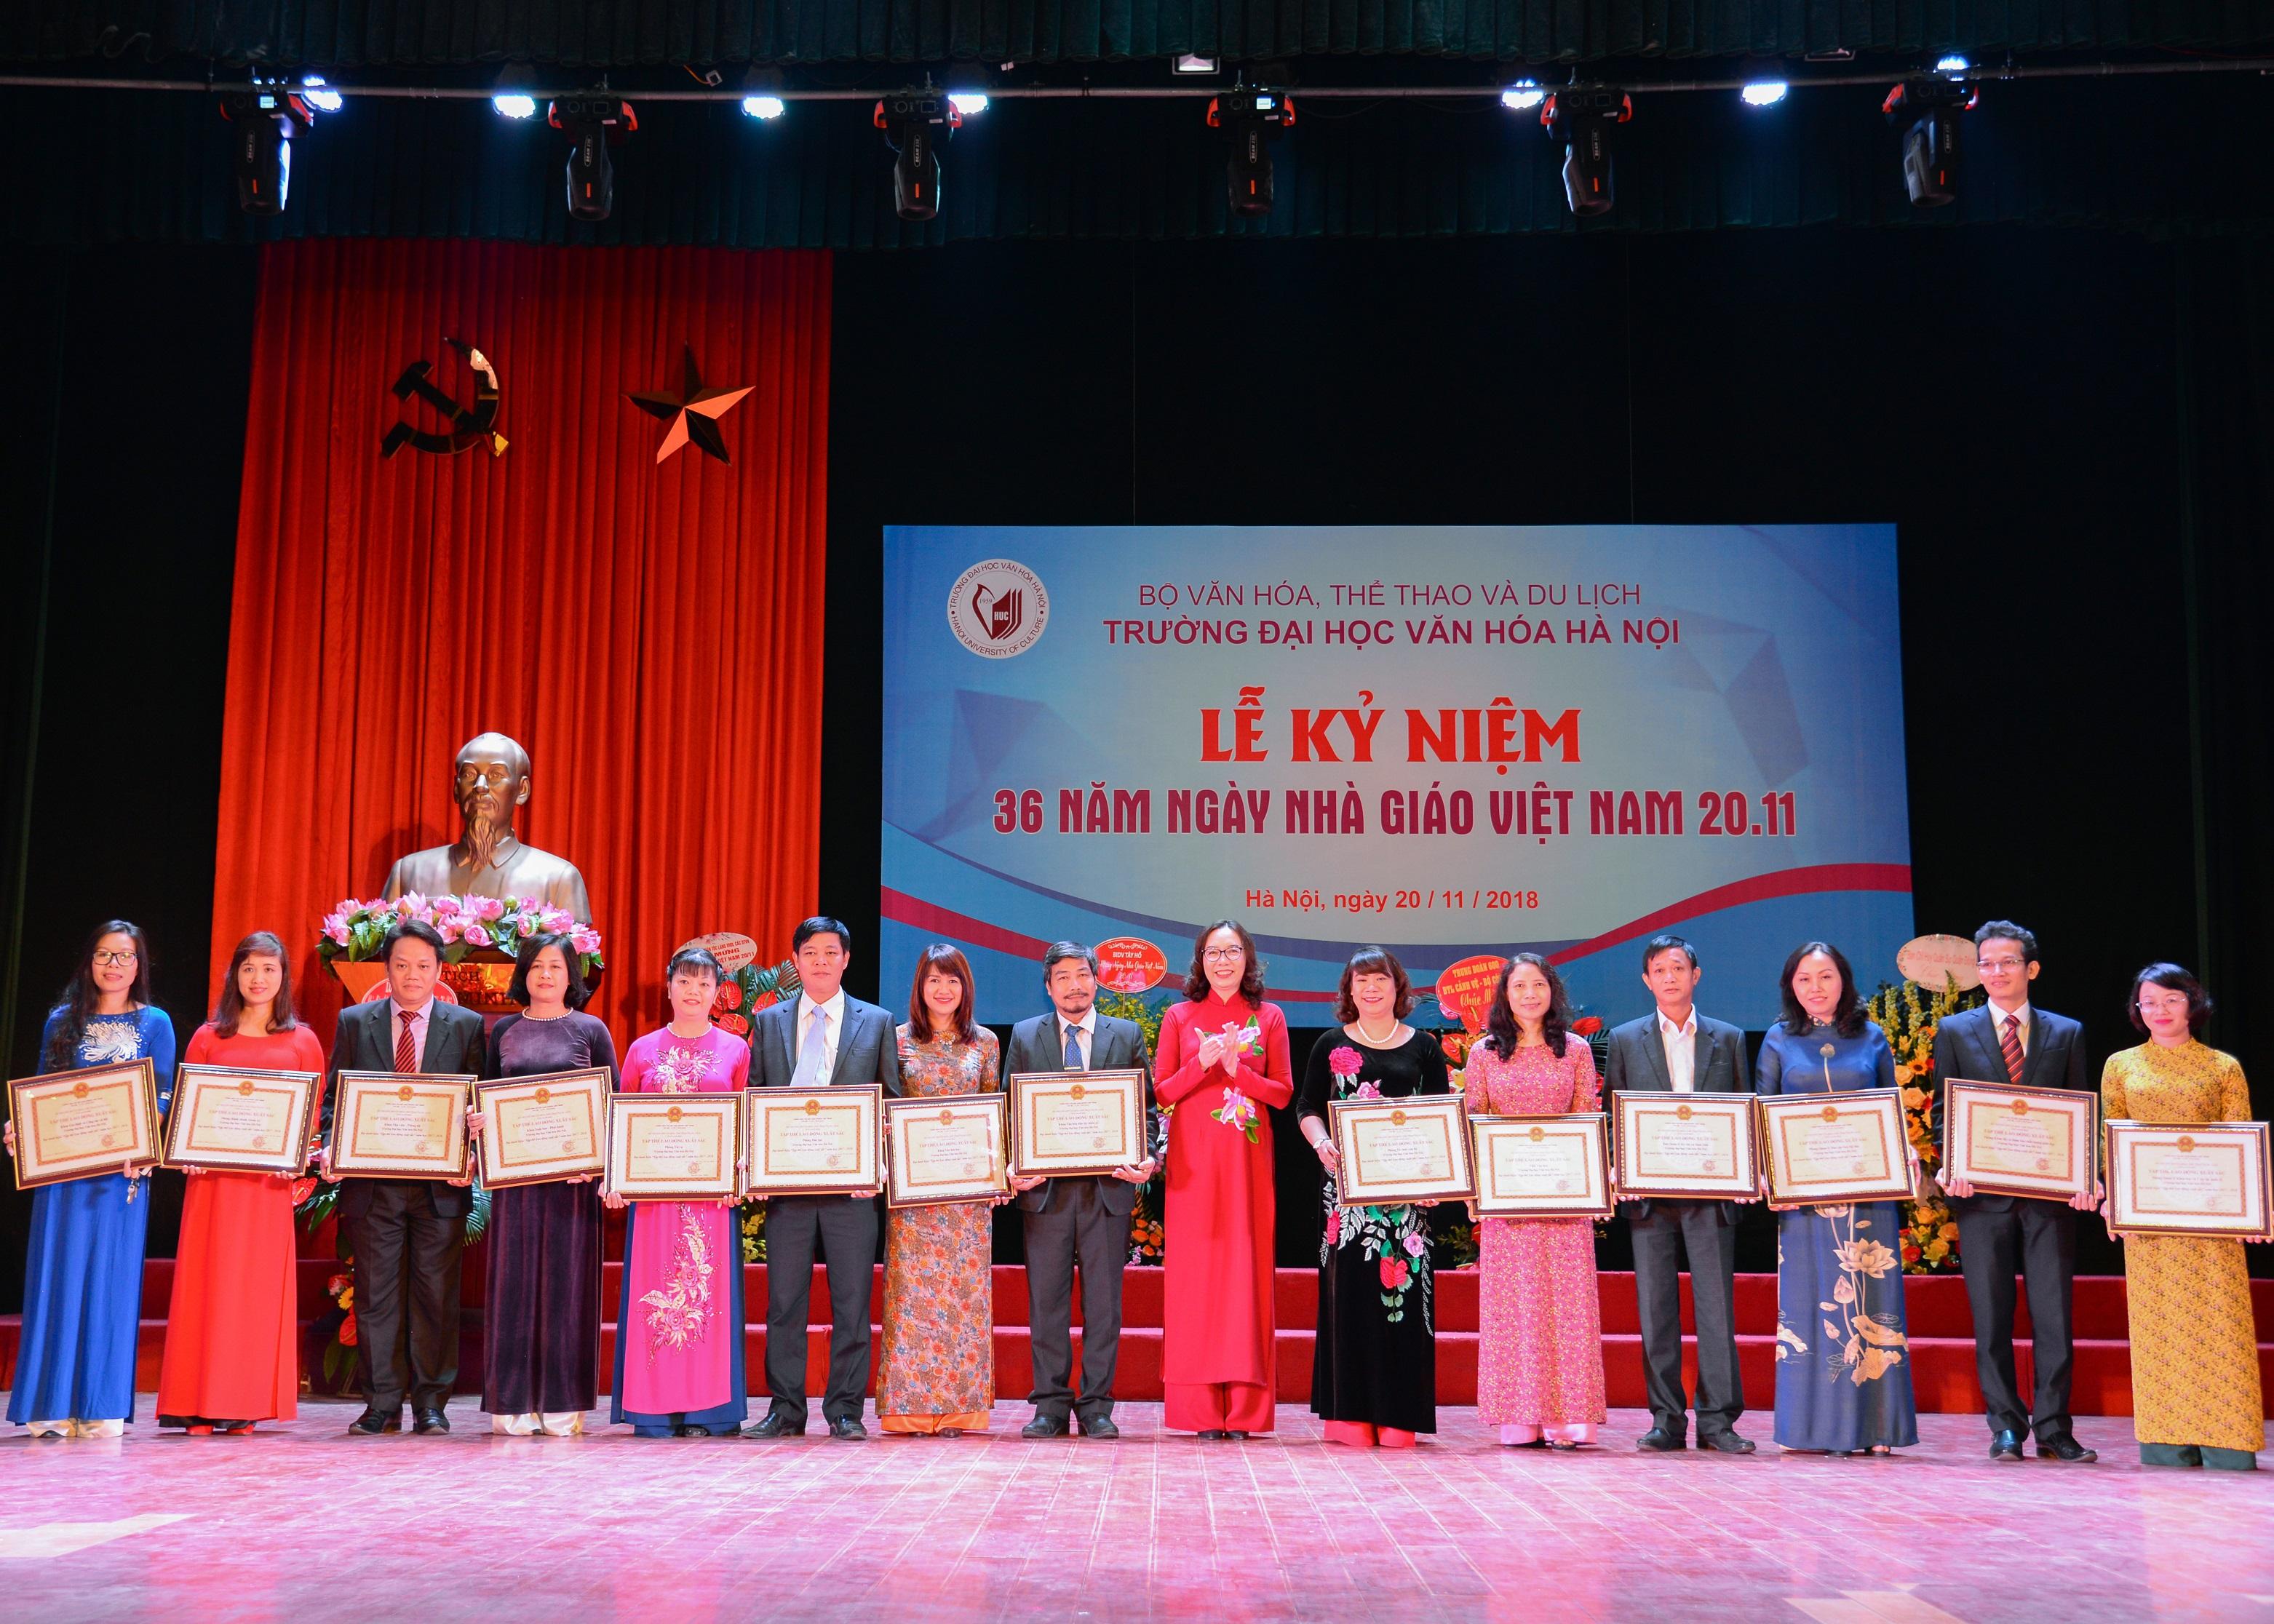 Long trọng kỷ niệm 36 năm Ngày Nhà giáo Việt Nam (20/11/1982 - 20/11/2018)